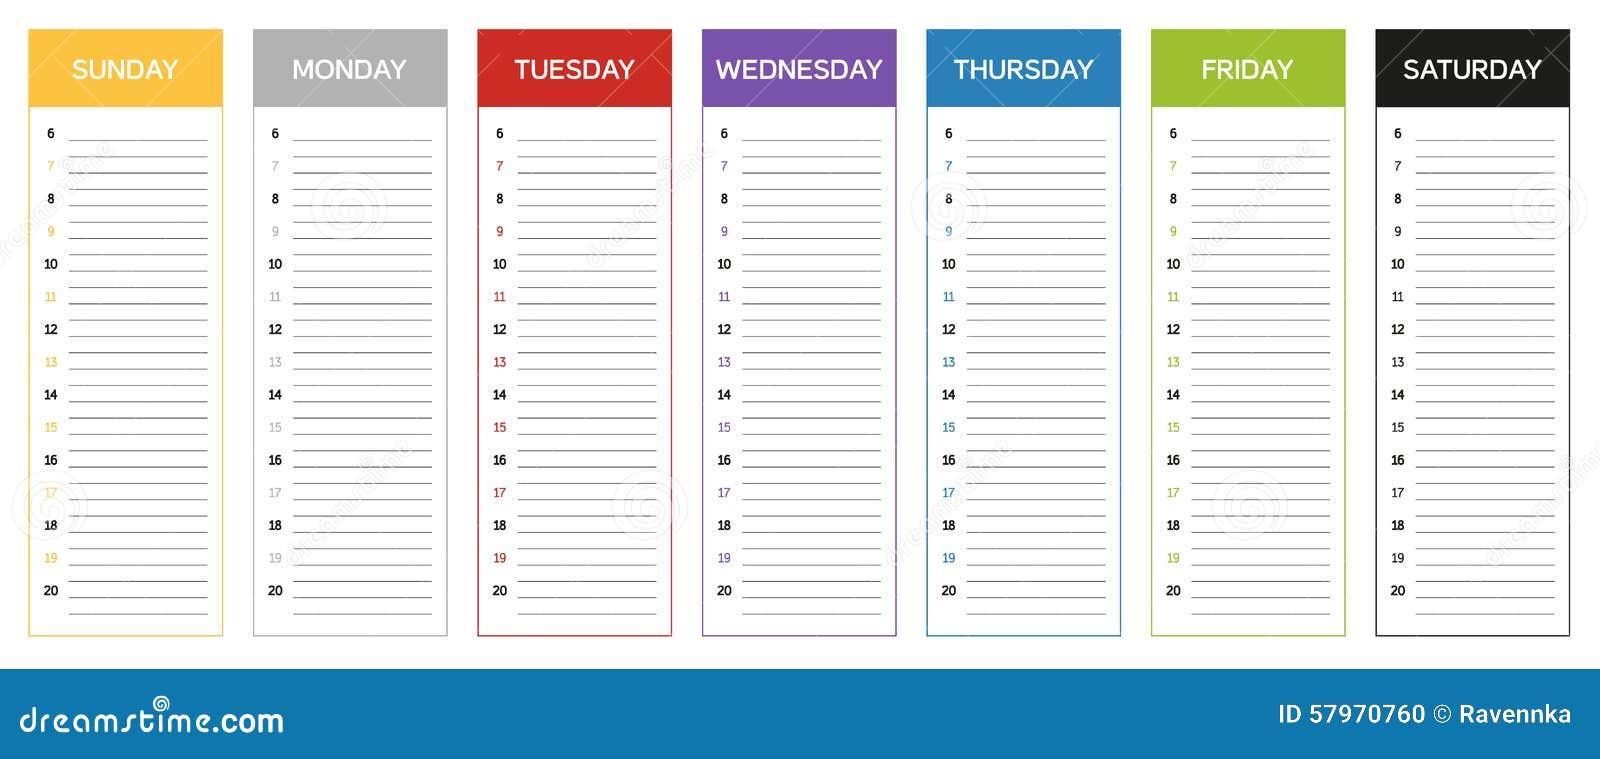 Calendrier De Planification De Semaine En Couleurs Du Jour